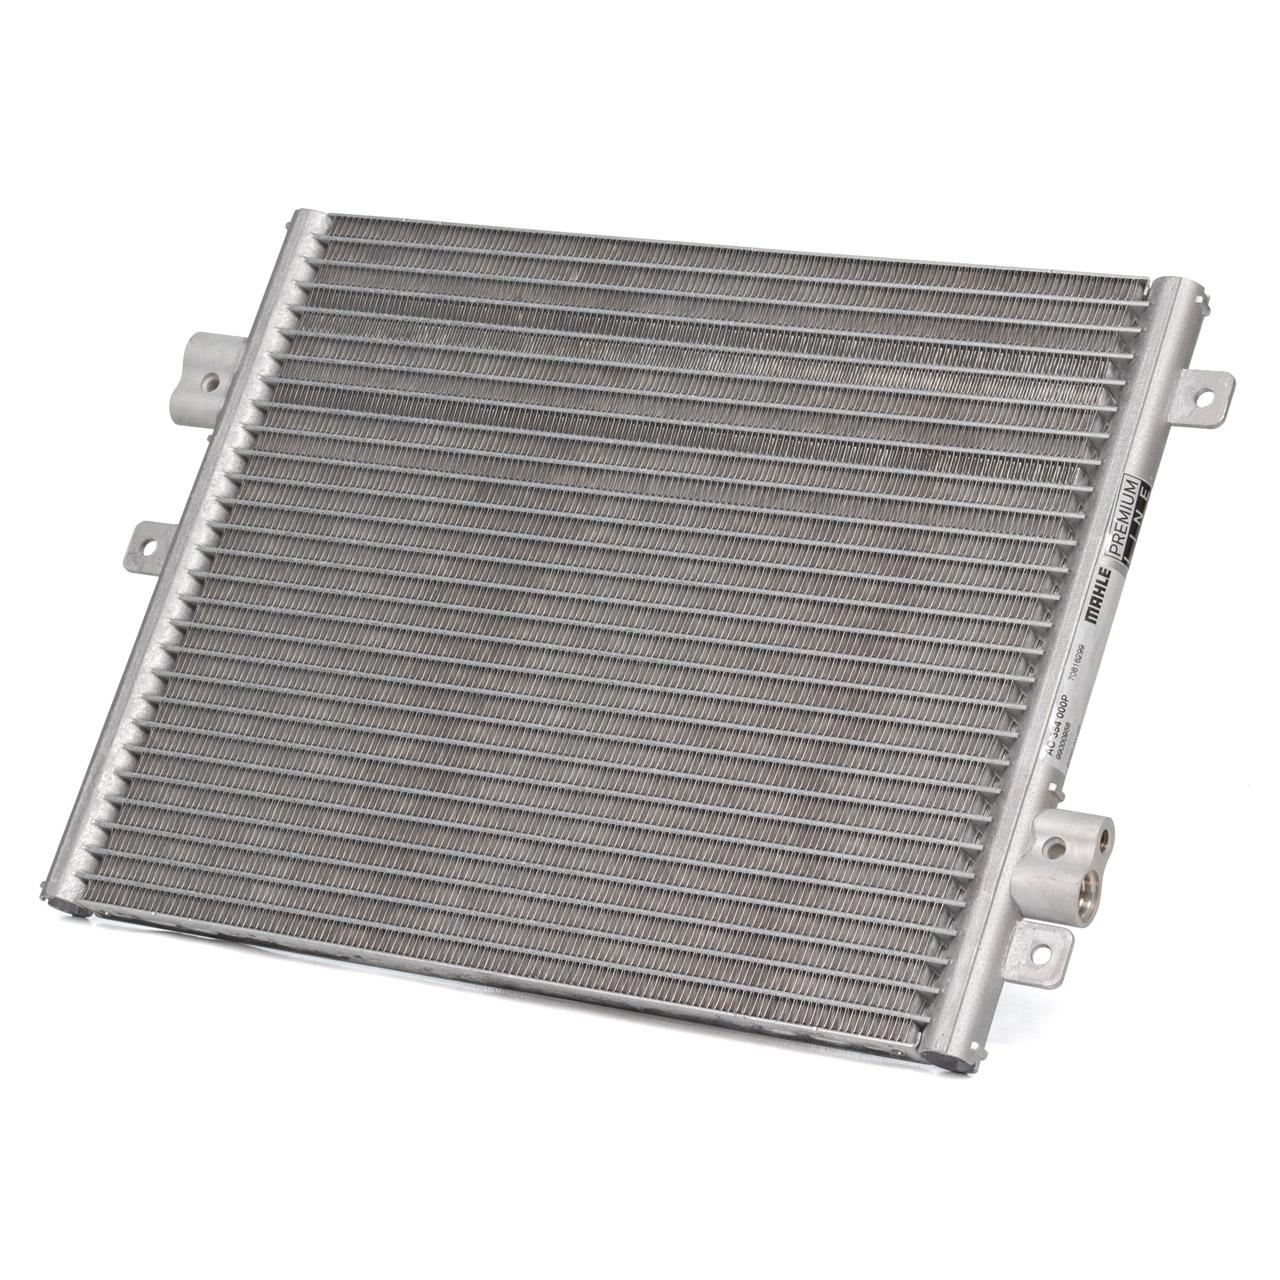 MAHLE Kondensator Klimaanlage PORSCHE 996 997 Boxster Cayman (987) vorne 99757391102